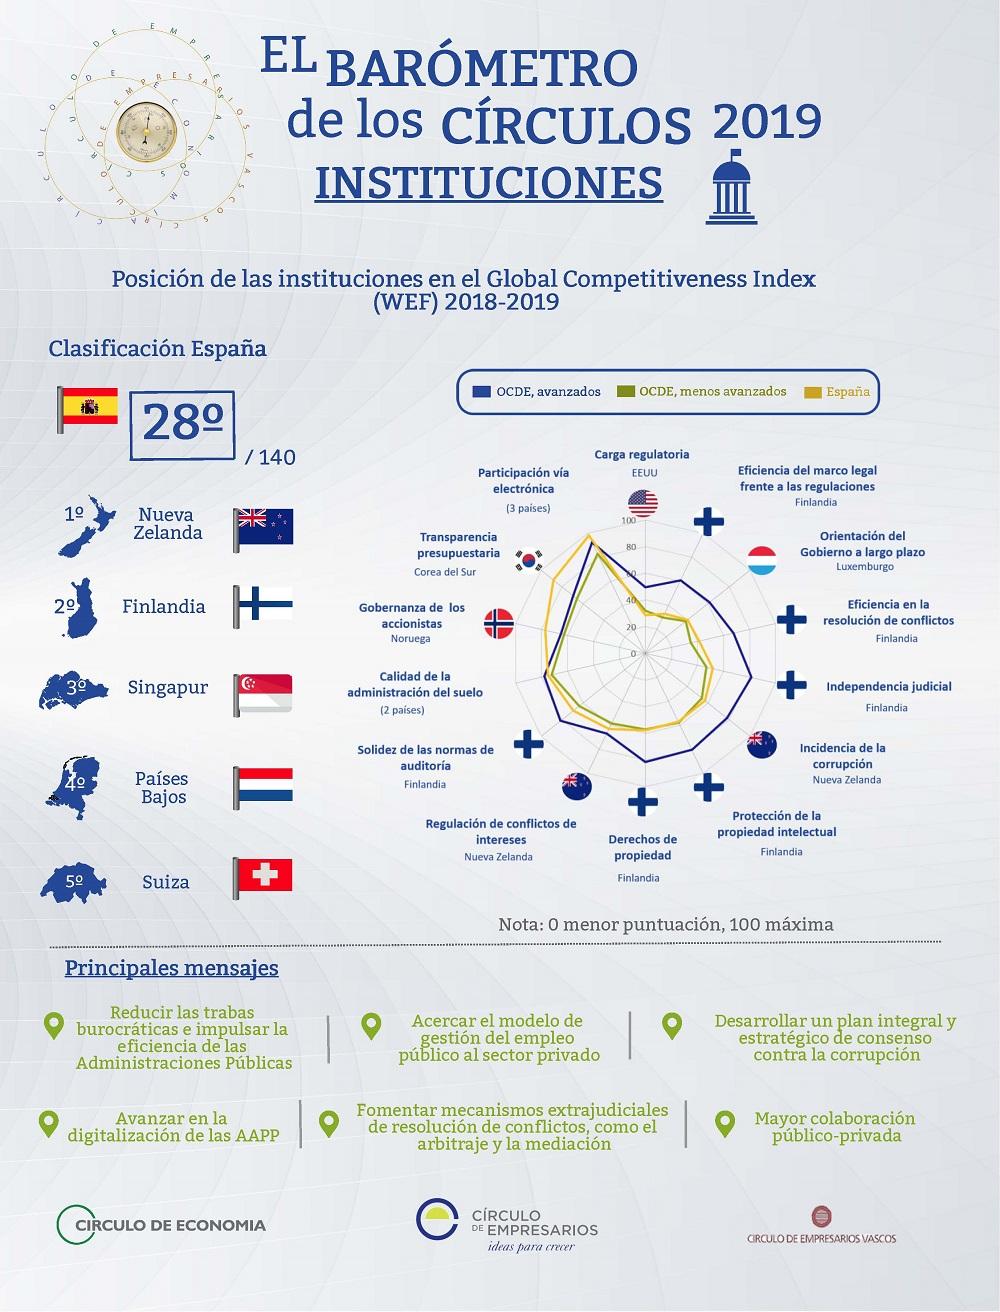 Instituciones infografía Barómetro de los Círculos abril 2019 Círculo de Empresarios